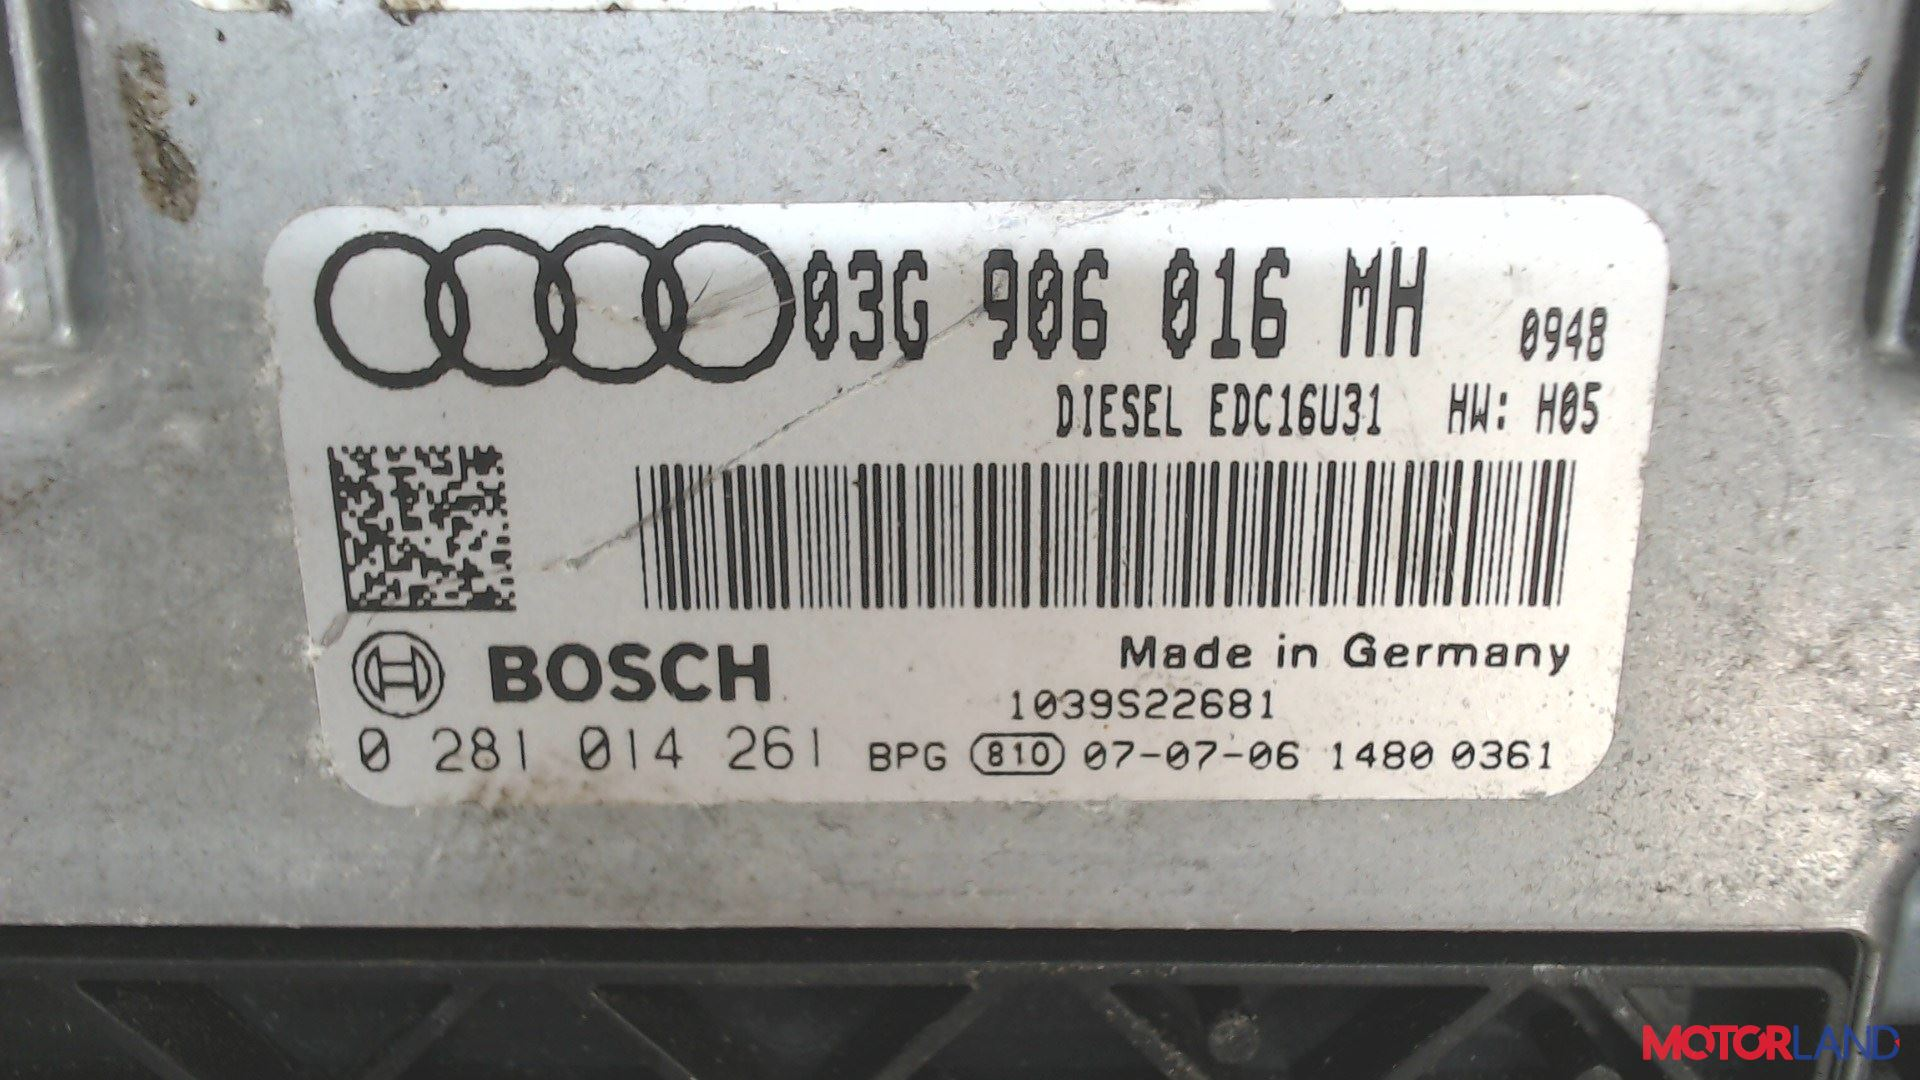 Блок управления (ЭБУ) Audi A6 (C6) 2005-2011 2 л. 2007 BRE б/у #3